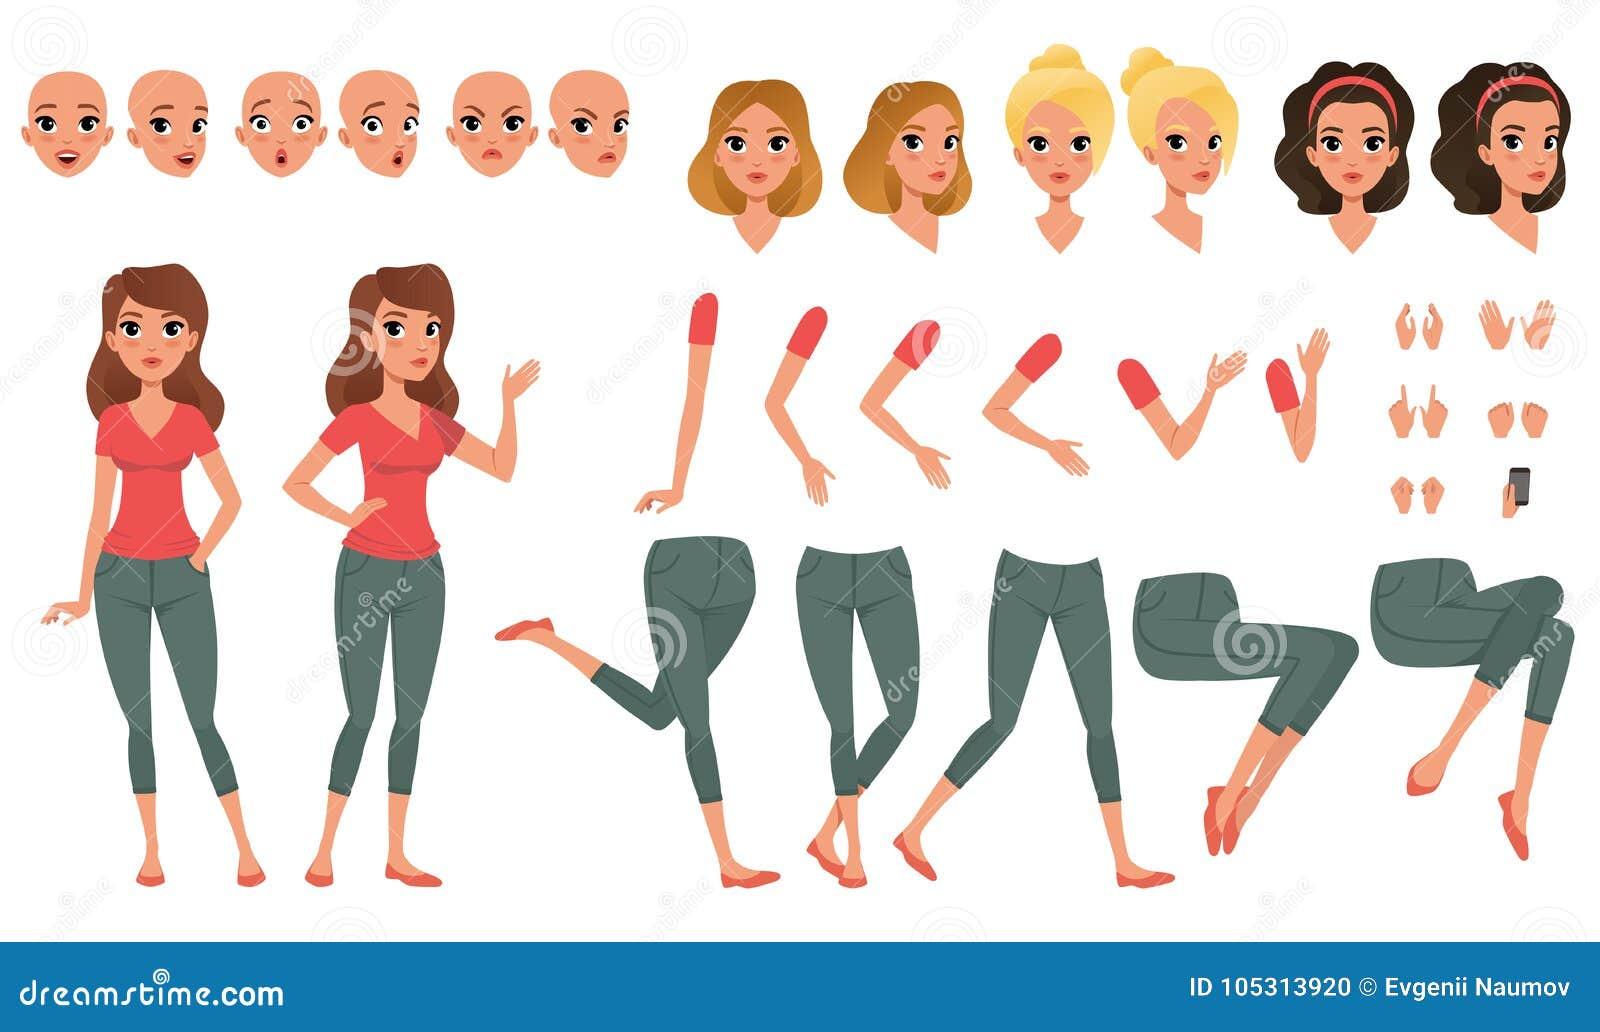 Construtor bonito da jovem mulher no estilo liso Peças dos pés e os braços do corpo, as emoções da cara, os cortes de cabelo e os